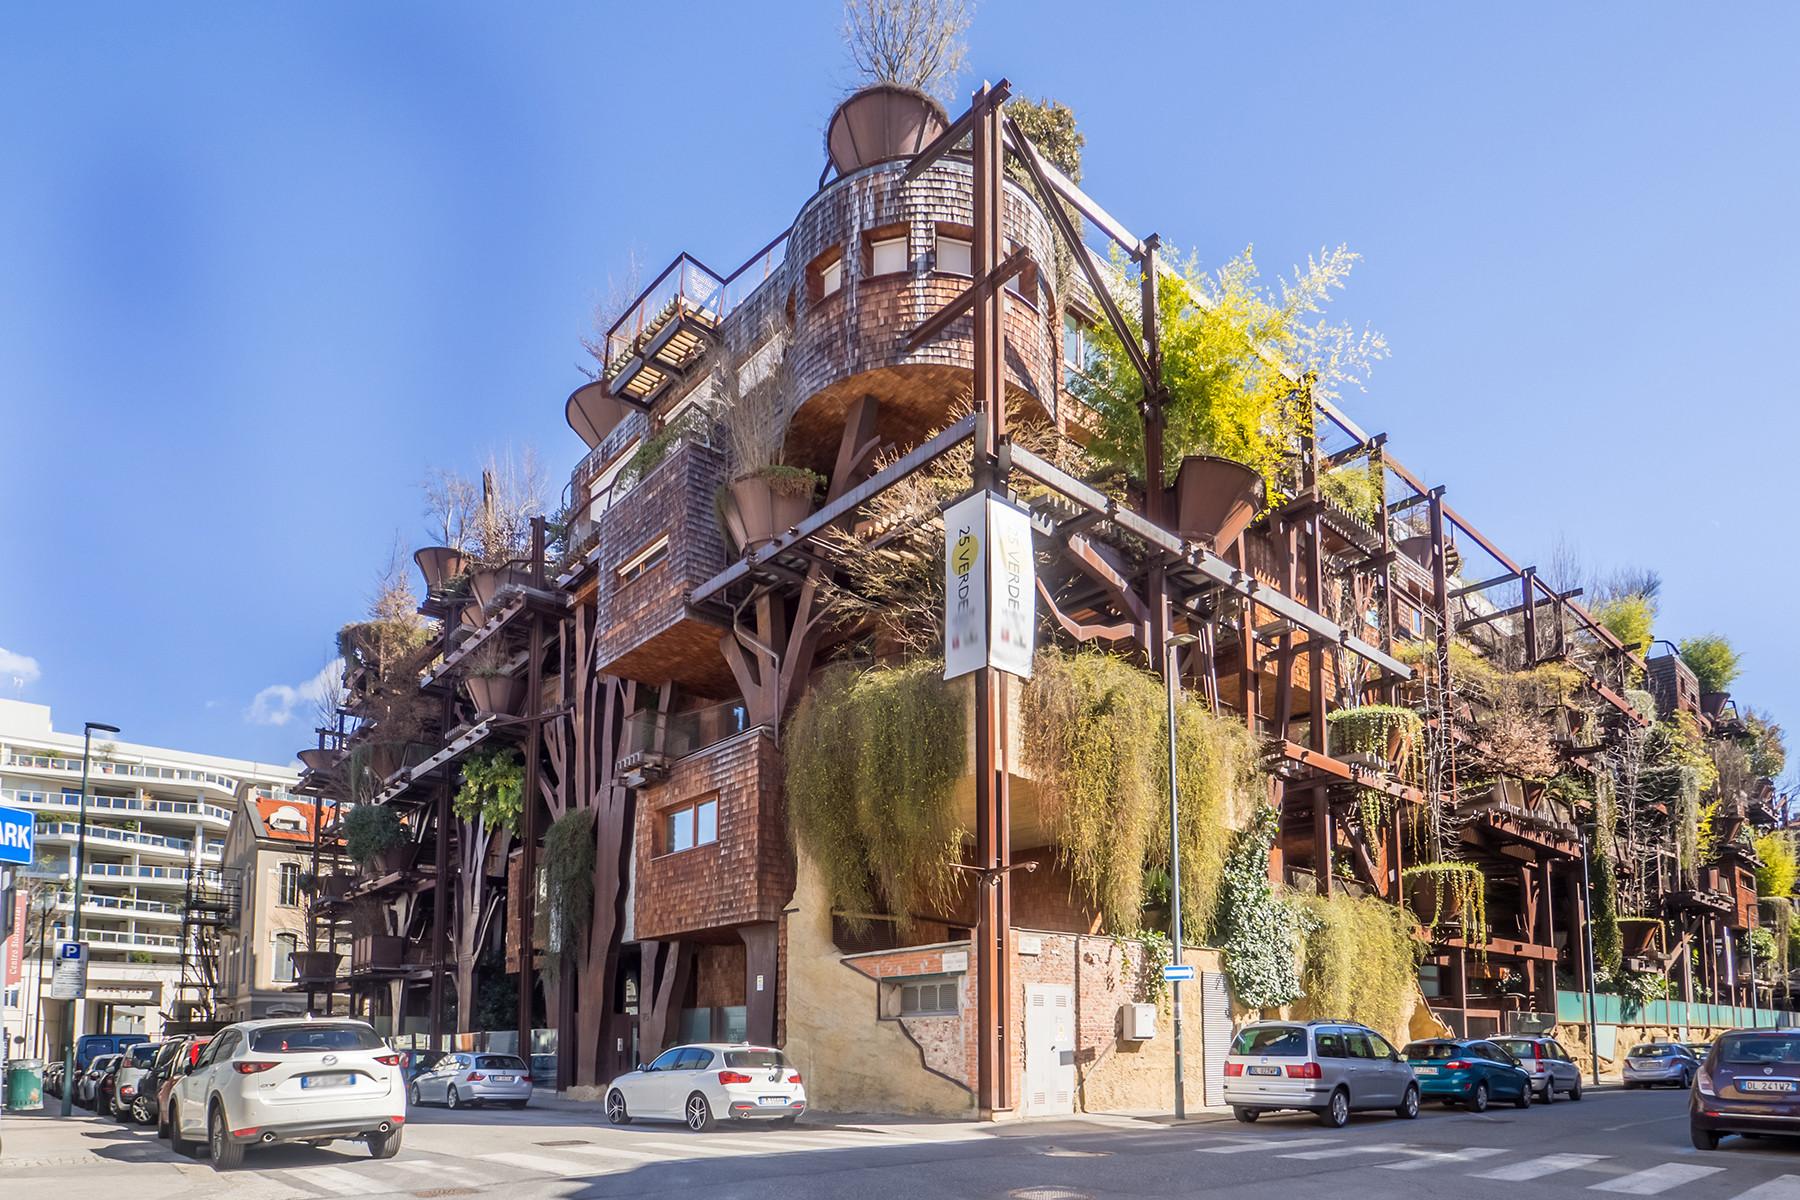 Bosco Verticale Appartamenti Costo in vendita l'attico della casa foresta di luciano pia a